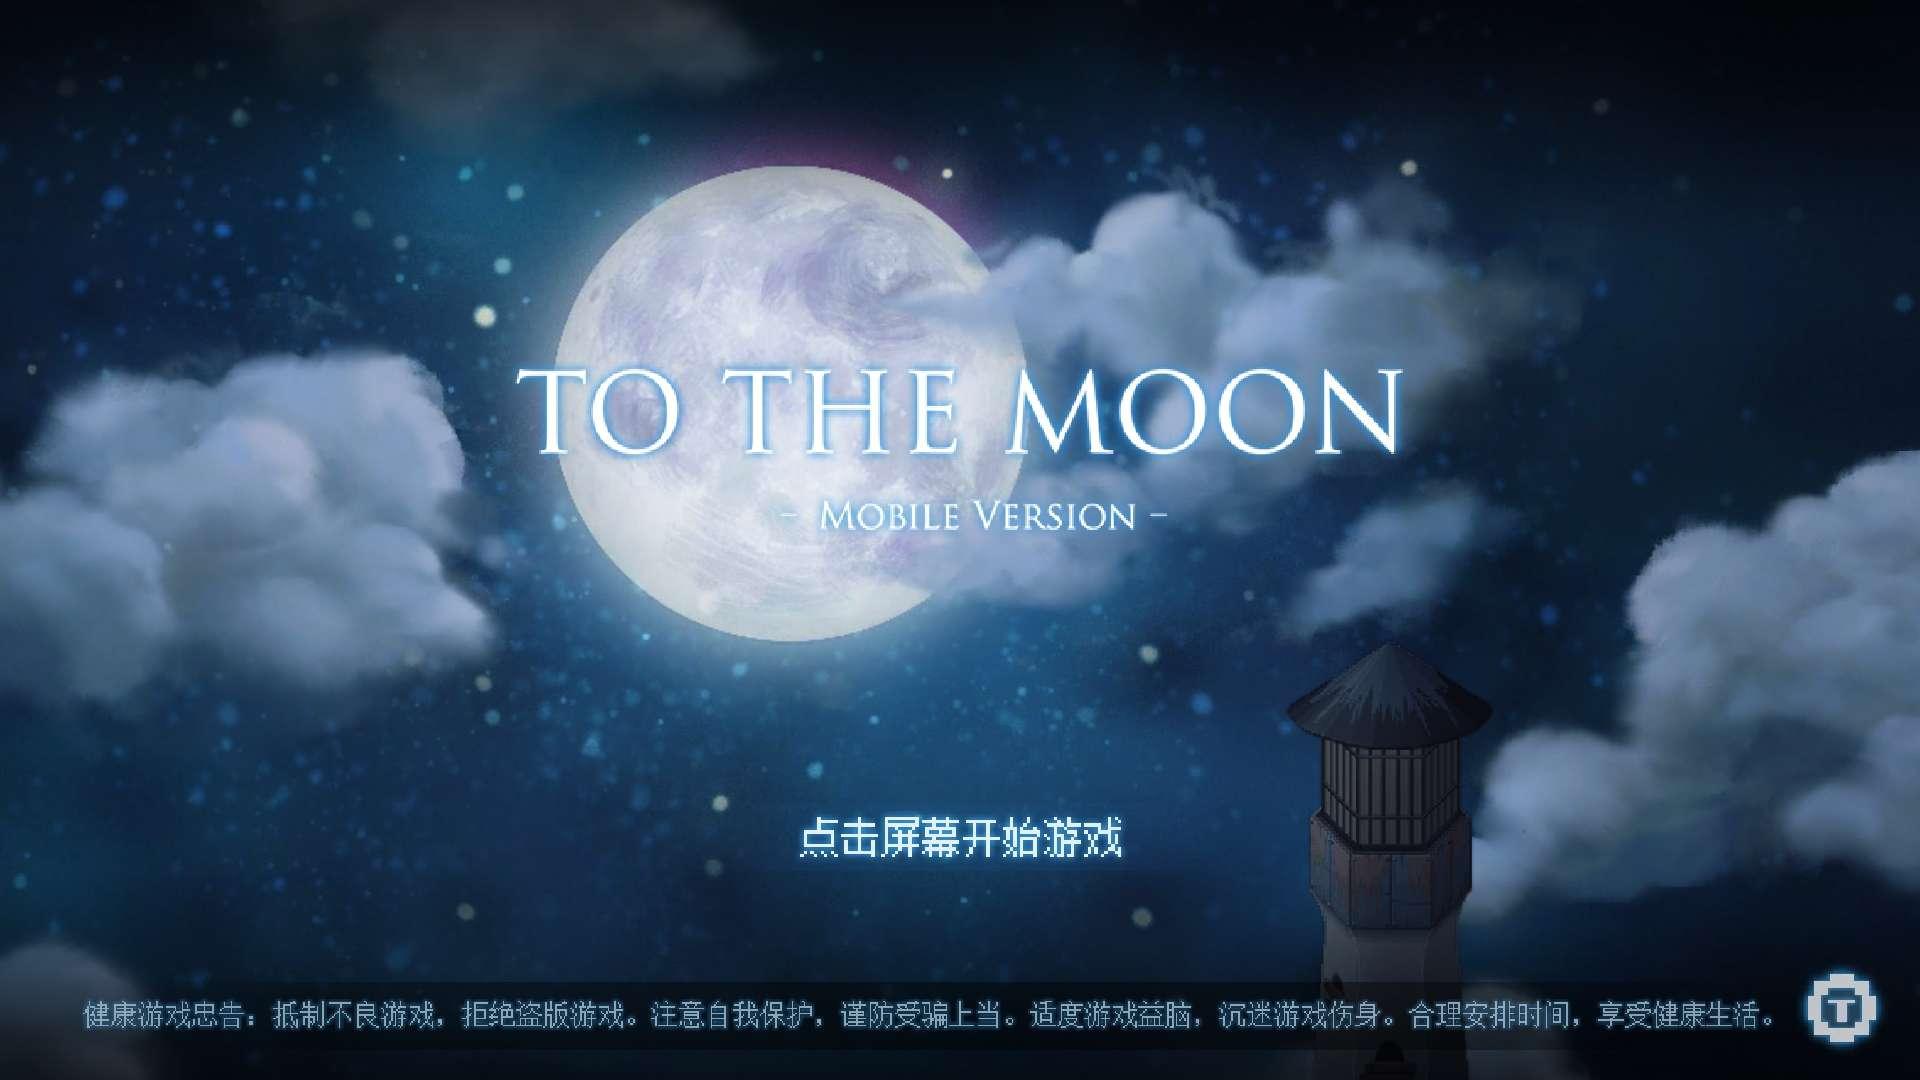 【资源分享】To the Moon